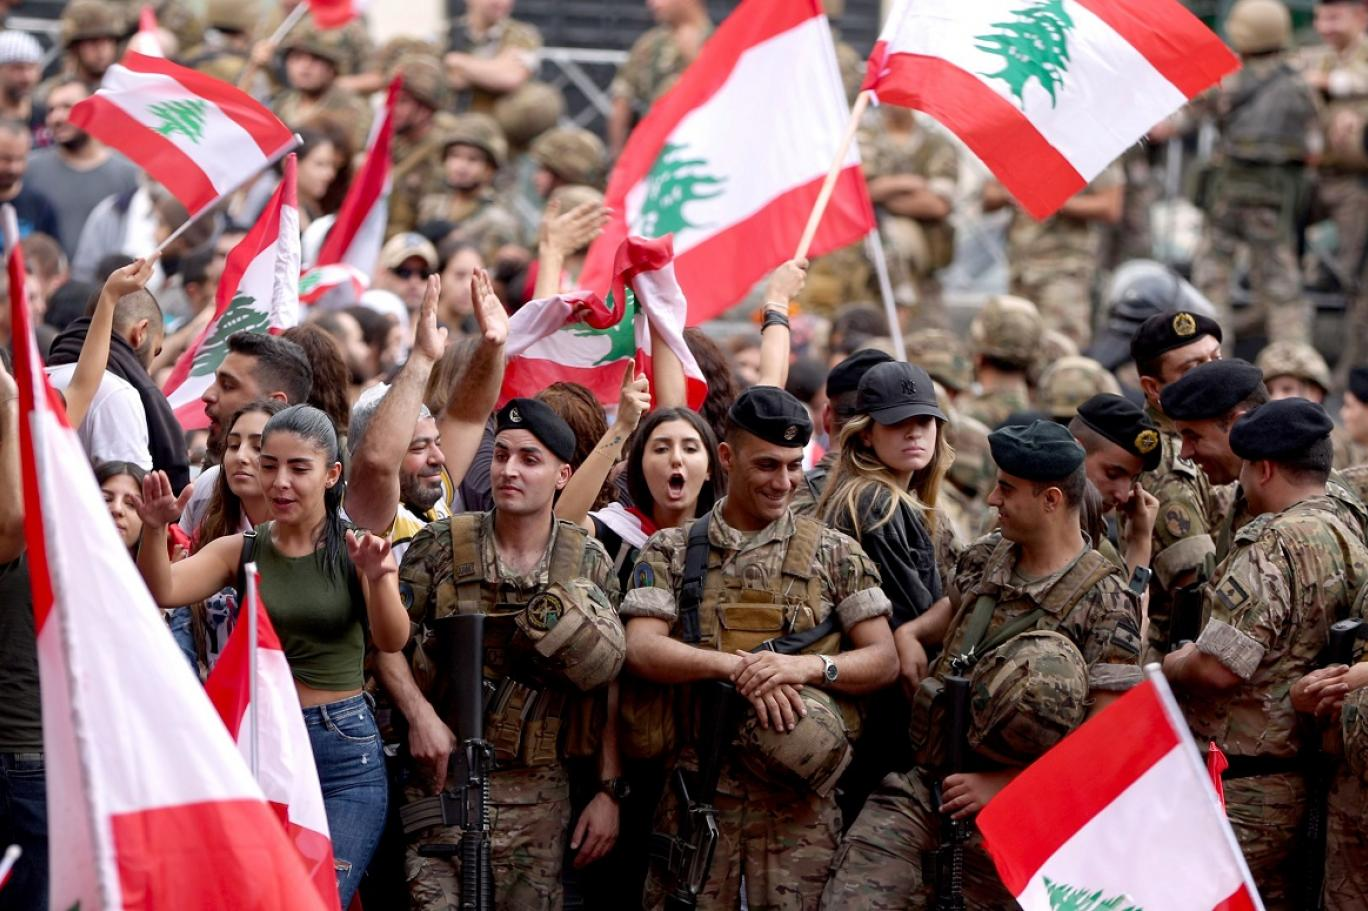 """قائد بالجيش اللبناني لـ """"الحدث"""": لم ولن ننسحب ولن نترك المتظاهرين كما لن نترك المندسين للتخريب وهدر دماء المتظاهرين واستخدام الأسلحة خطوط حمر بالنسبة لنا"""